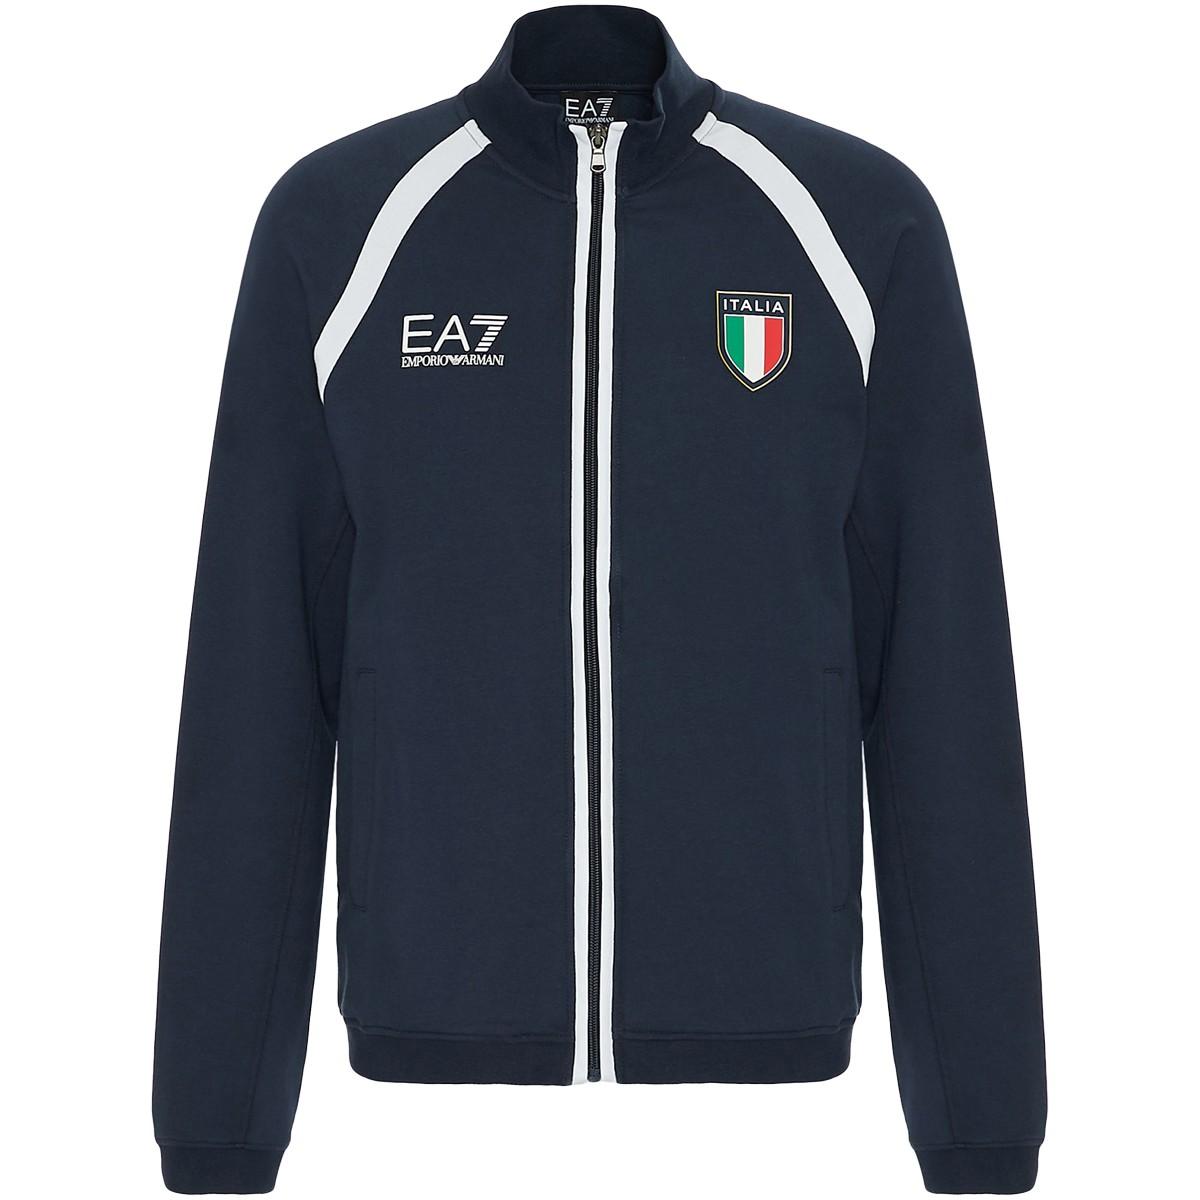 SWEAT EA7 ITALIA TEAM OFFICIAL ZIPPE